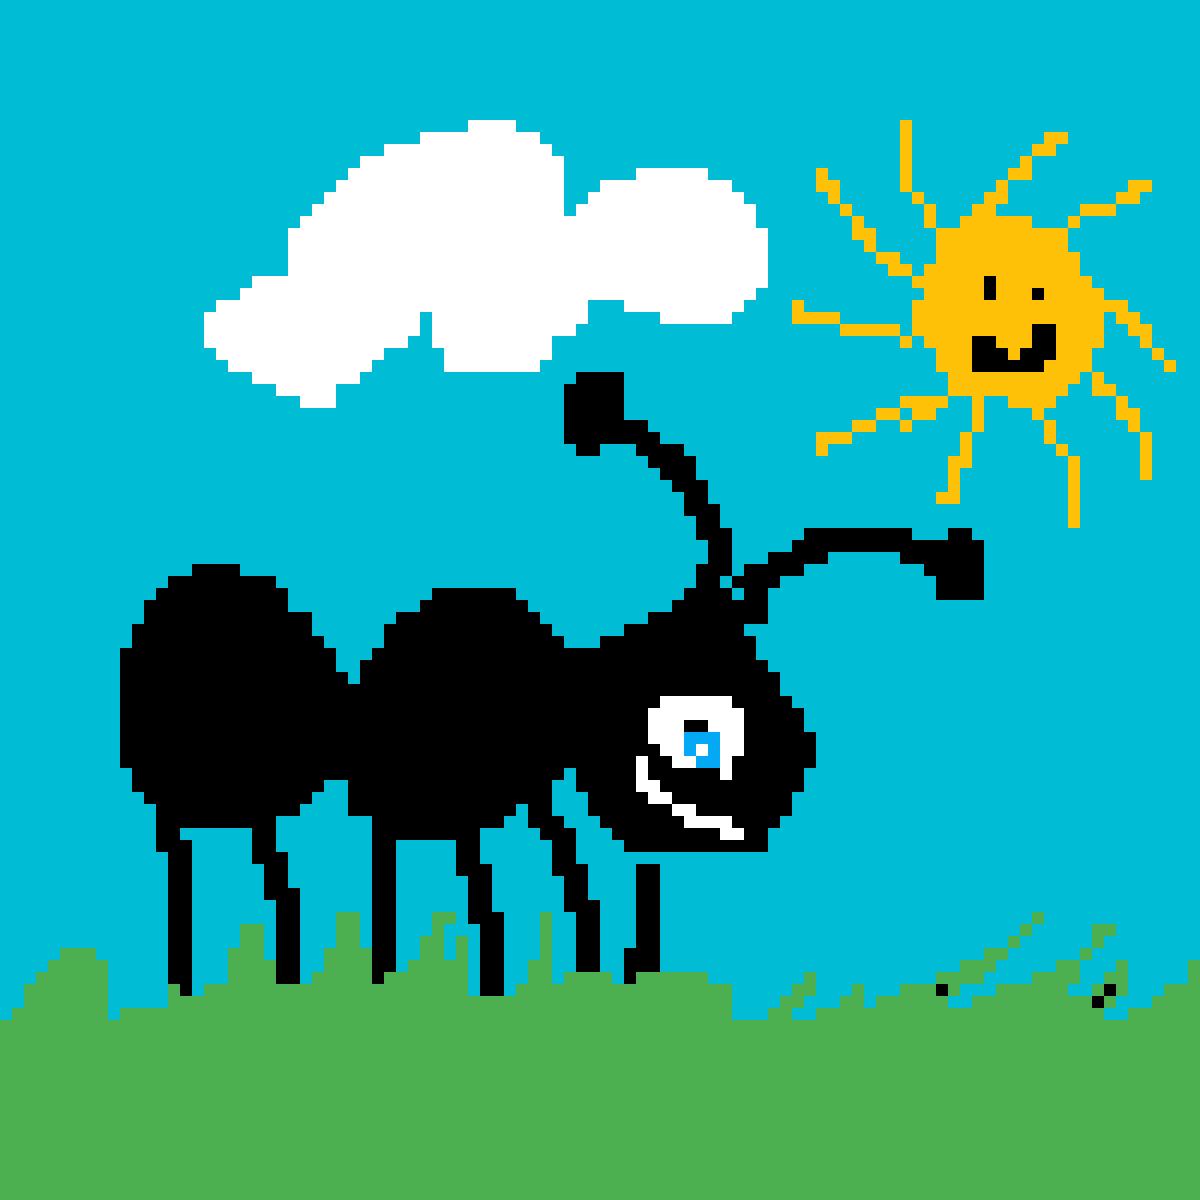 Ant by Ardyn-hehe